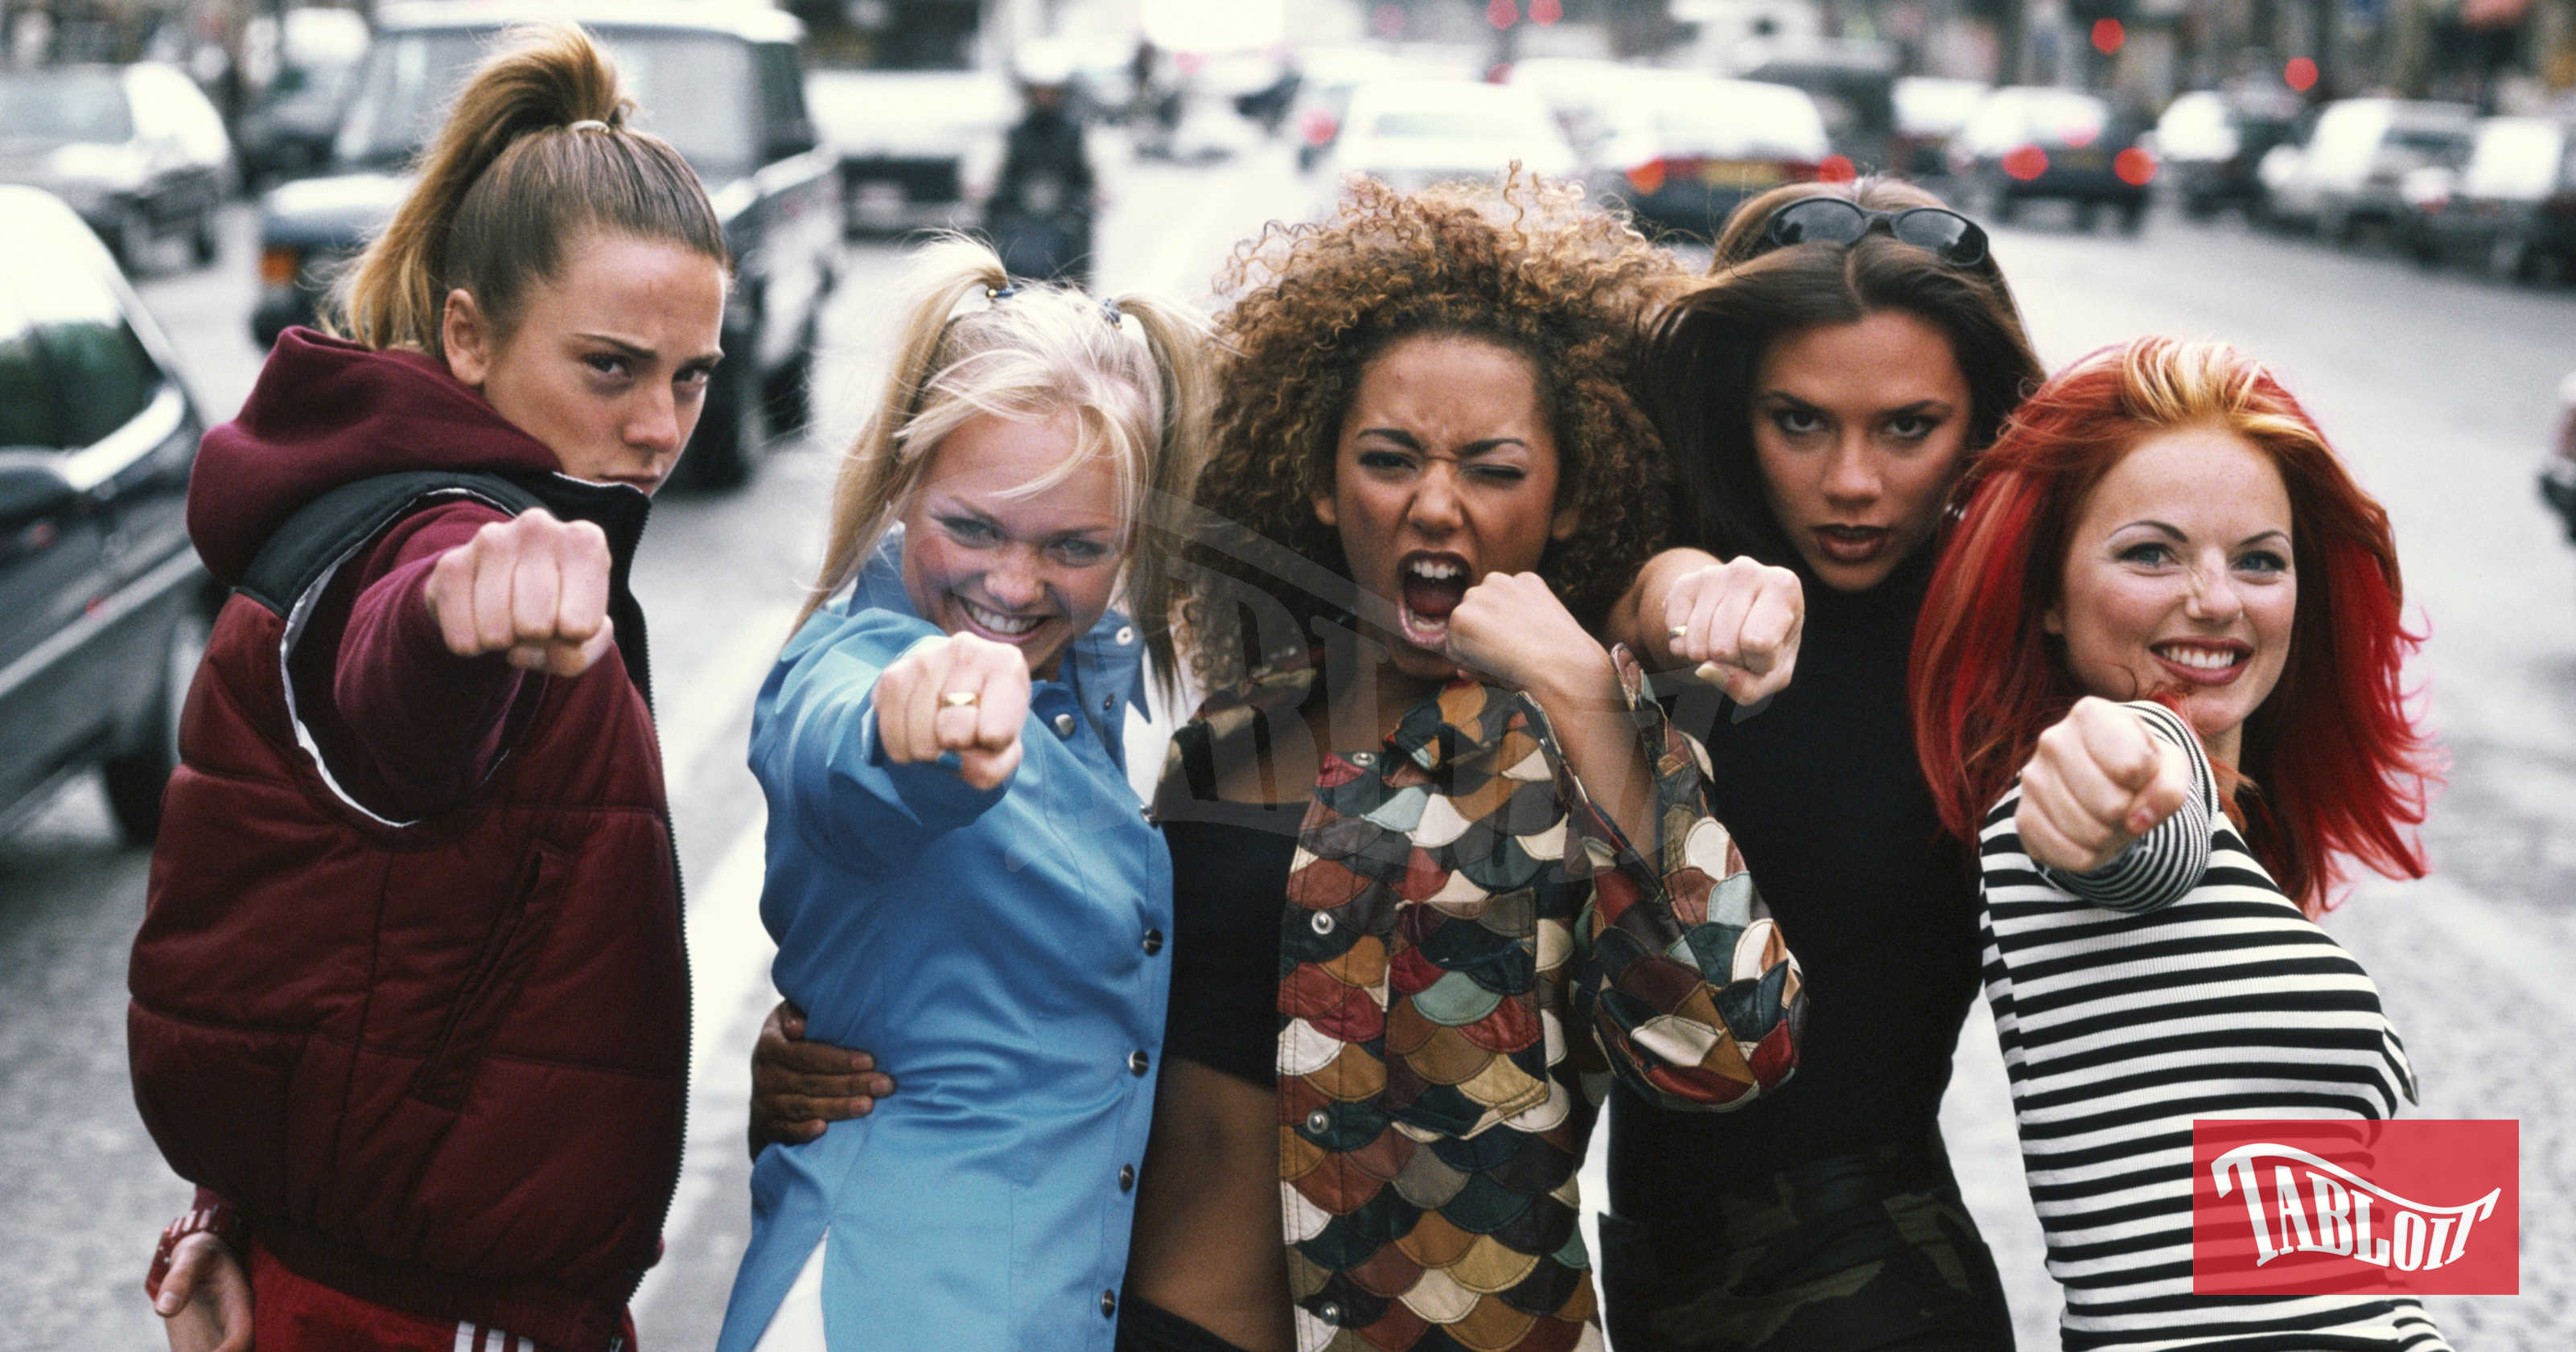 La reunion delle Spice Girls è prevista per il 2018 in occasione di uno speciale tv e di una compilation celebrativa